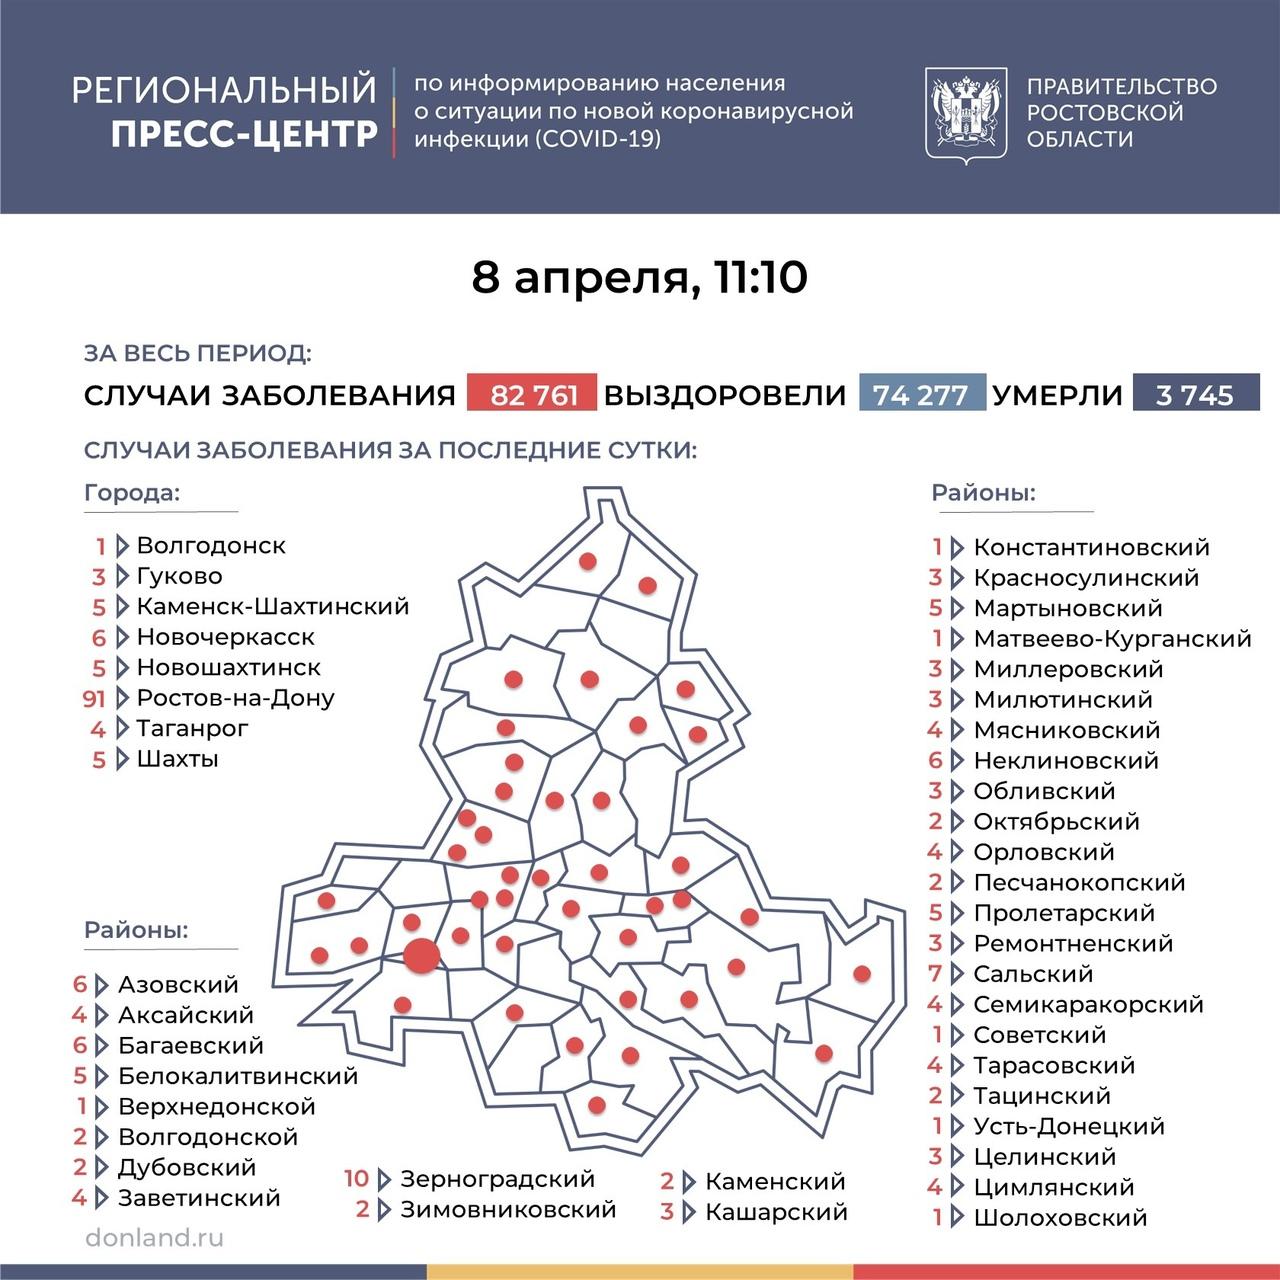 На Дону число инфицированных COVID-19 составляет 239, в Таганроге 4 новых случая